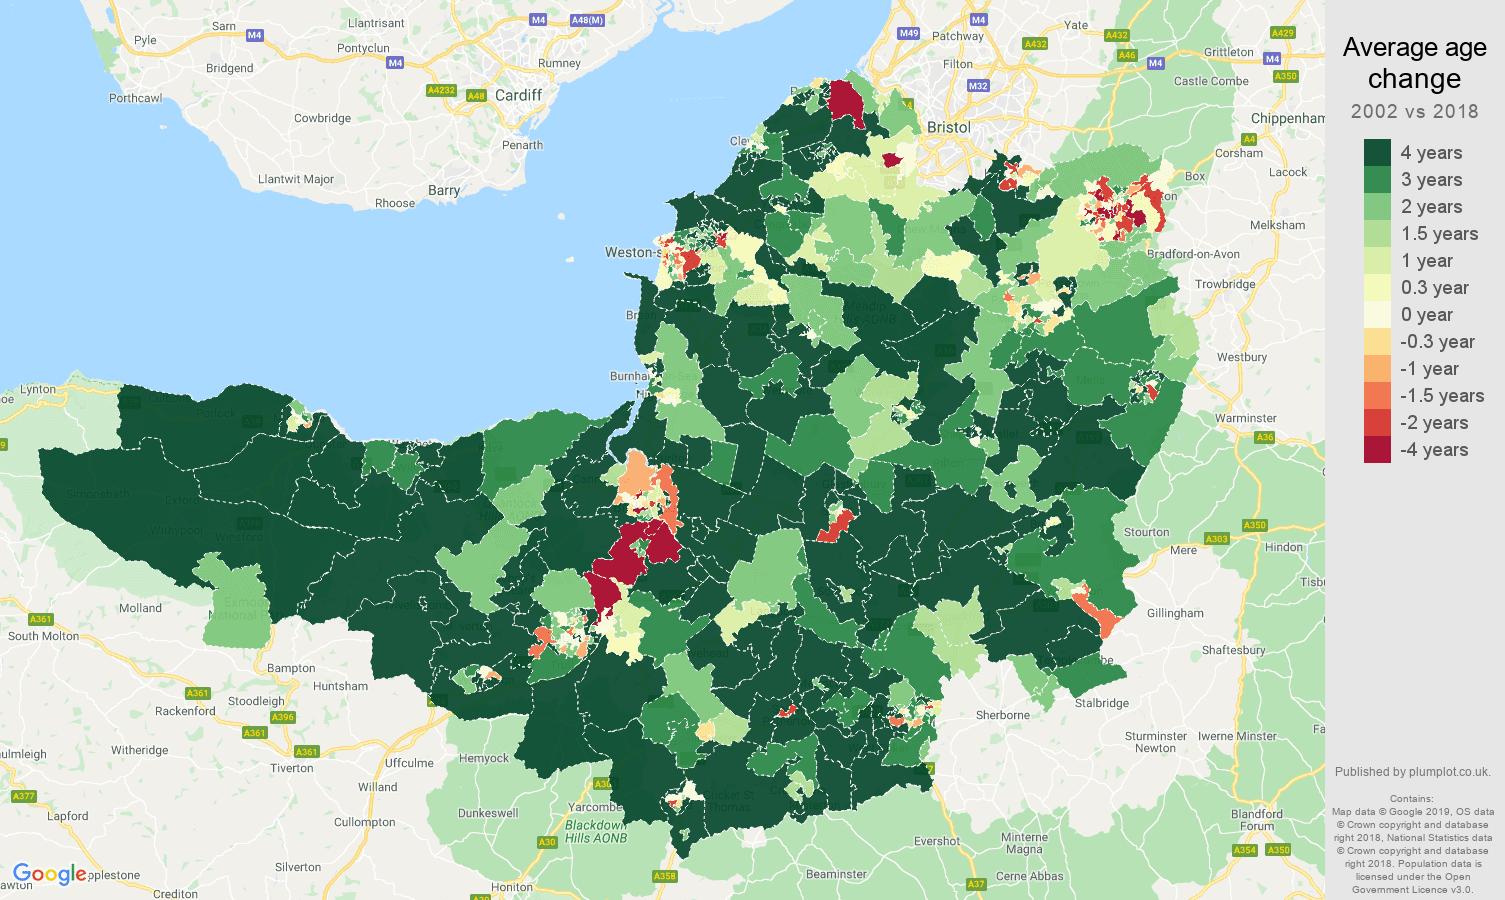 Somerset average age change map